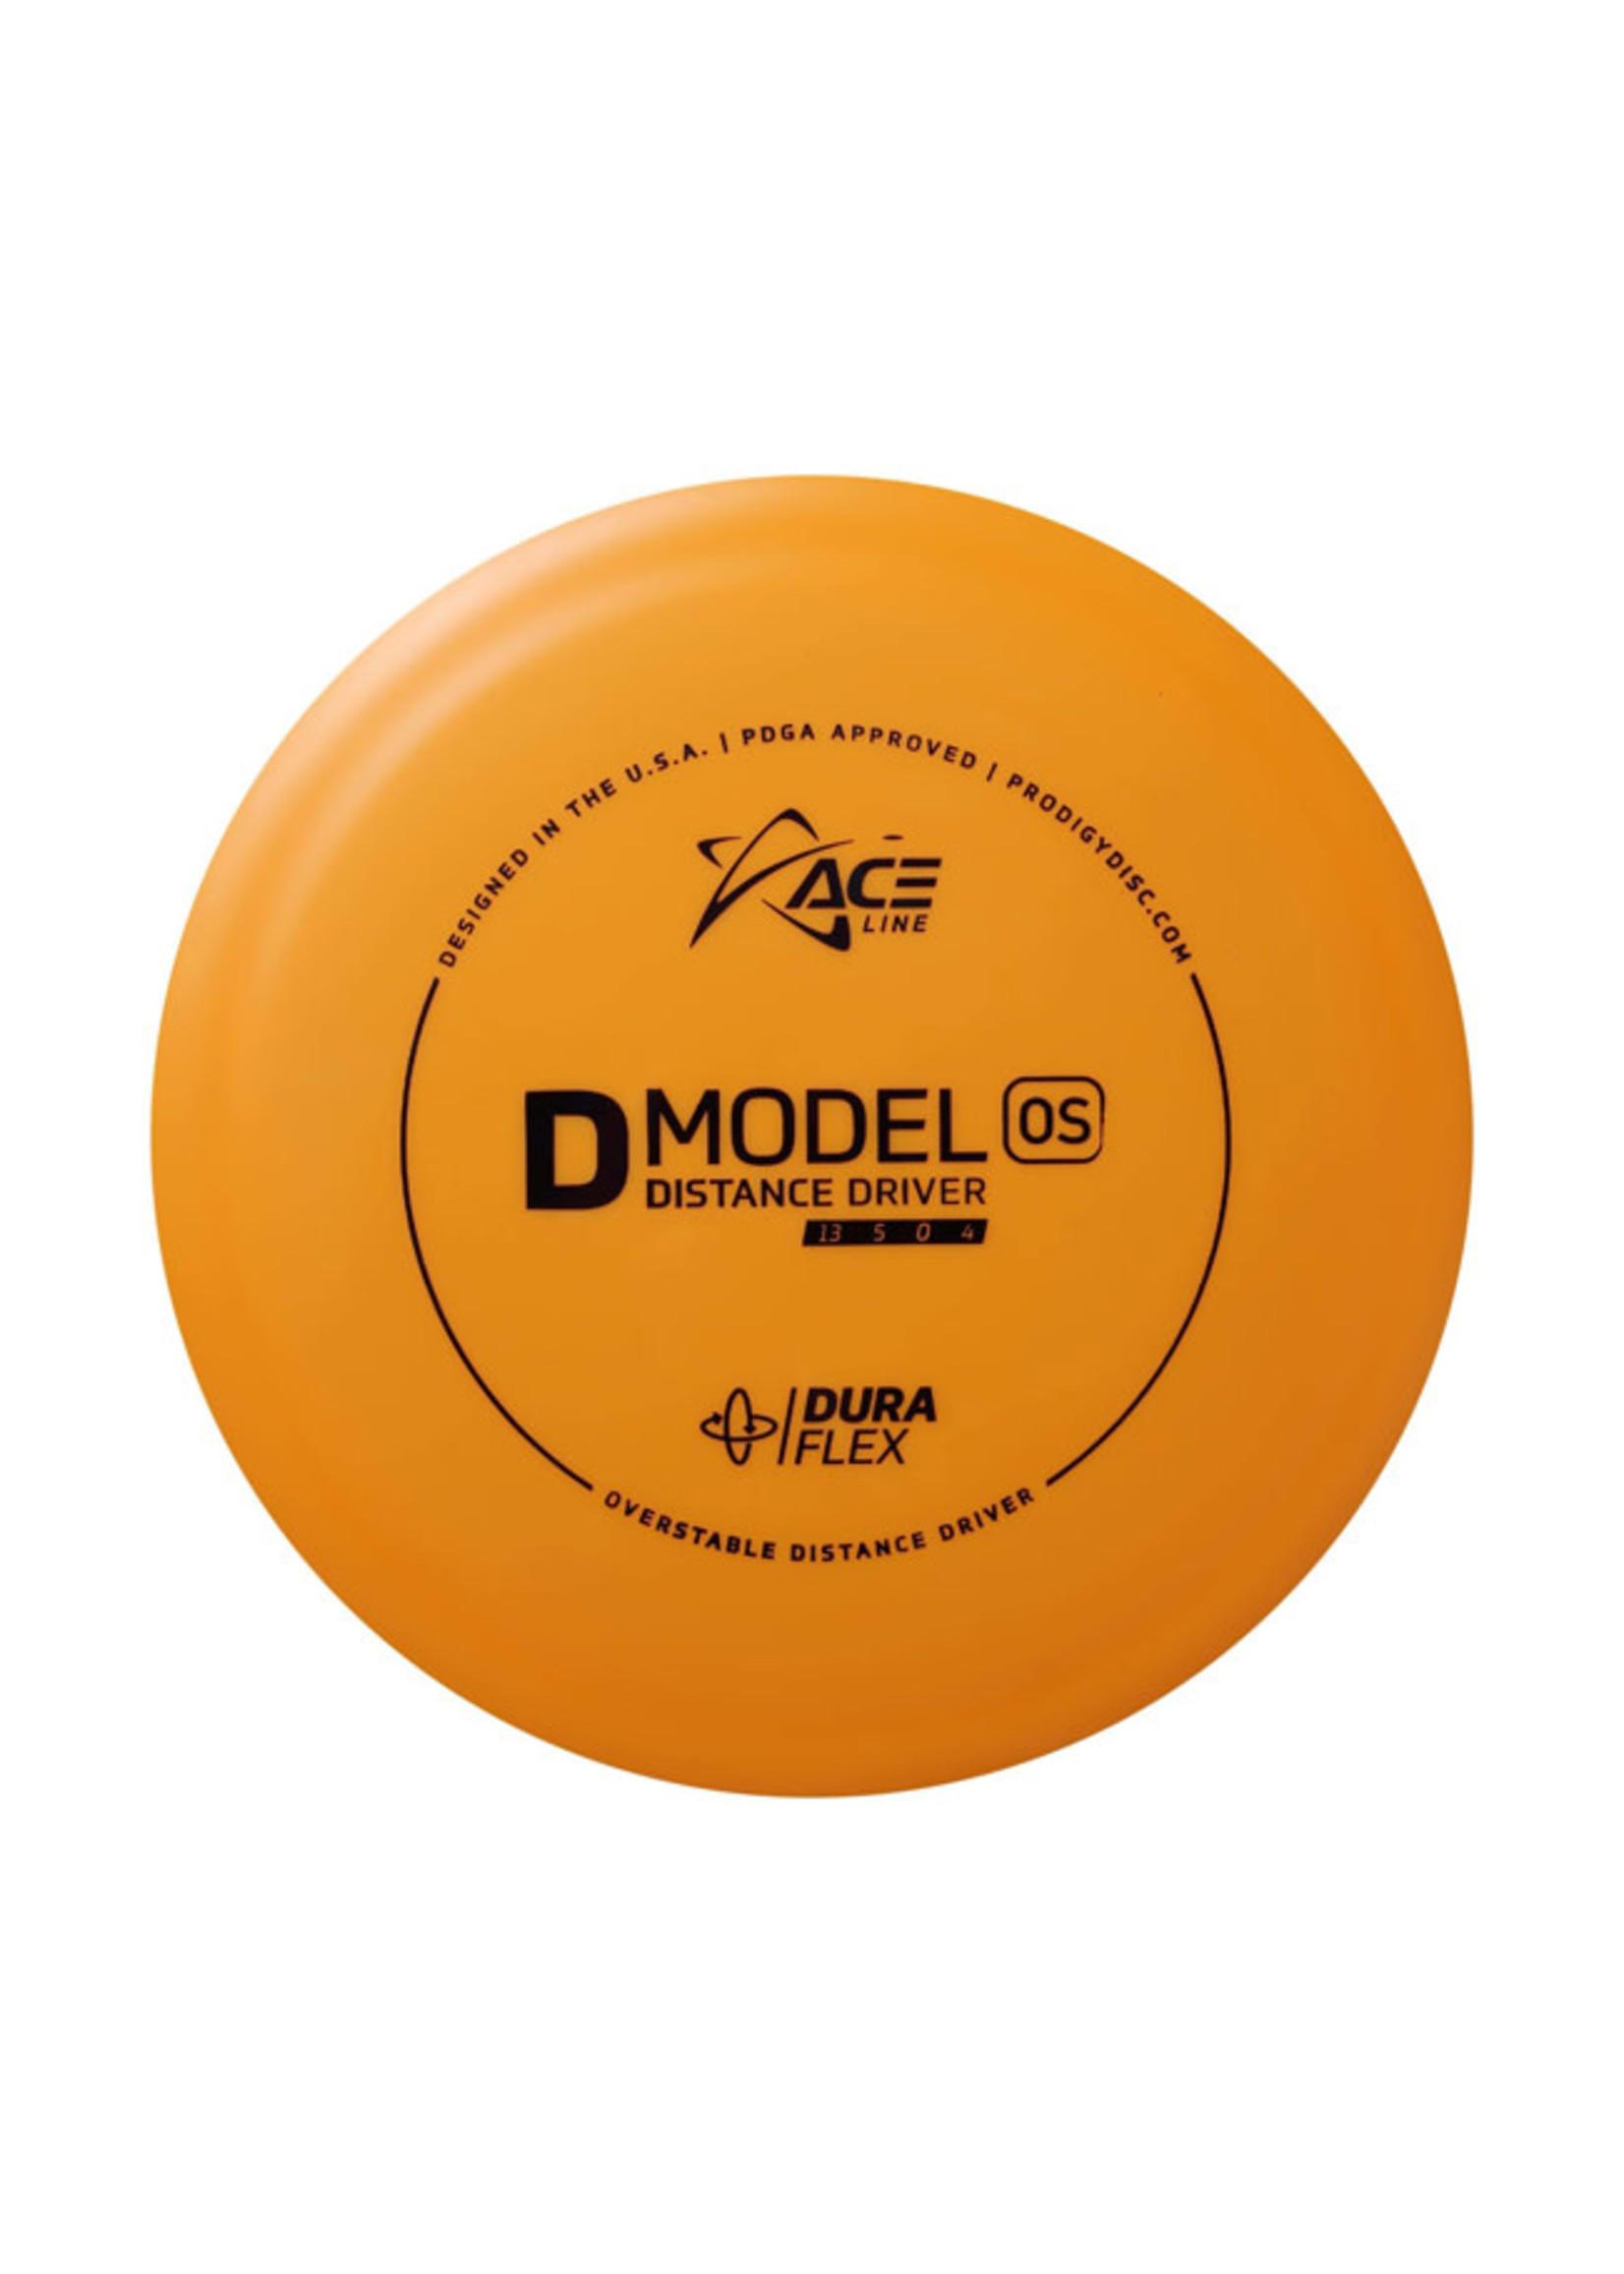 Prodigy Prodigy Ace D Model OS Distance Driver